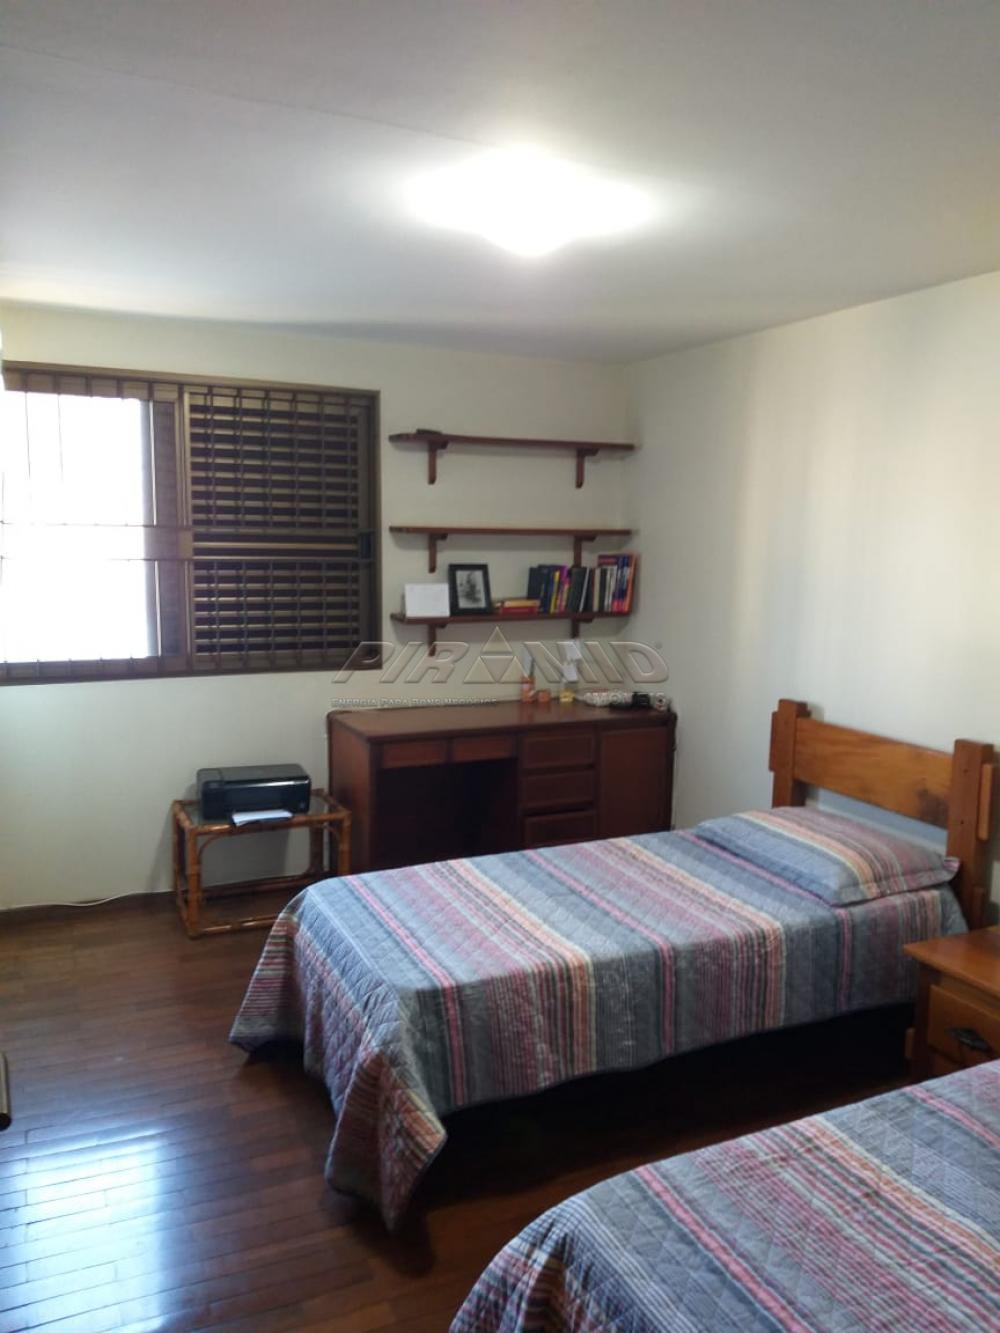 Comprar Apartamento / Padrão em Ribeirão Preto apenas R$ 680.000,00 - Foto 15